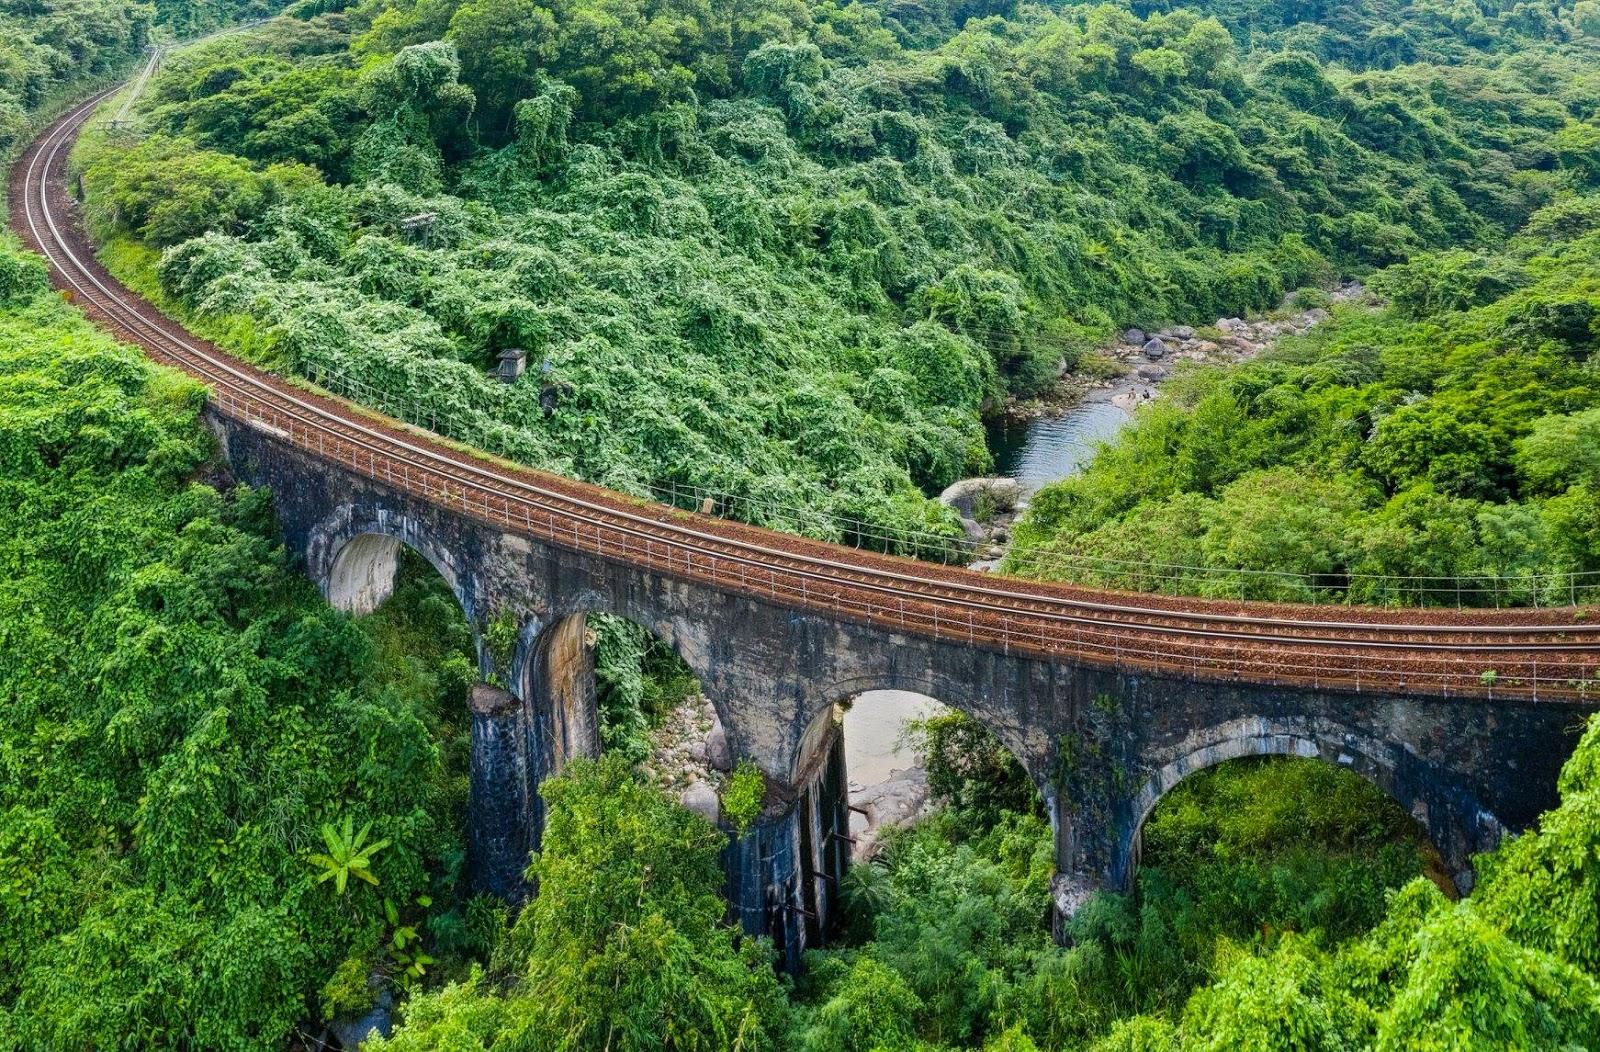 ảnh chụp cung đường sắt ngang dòng suối